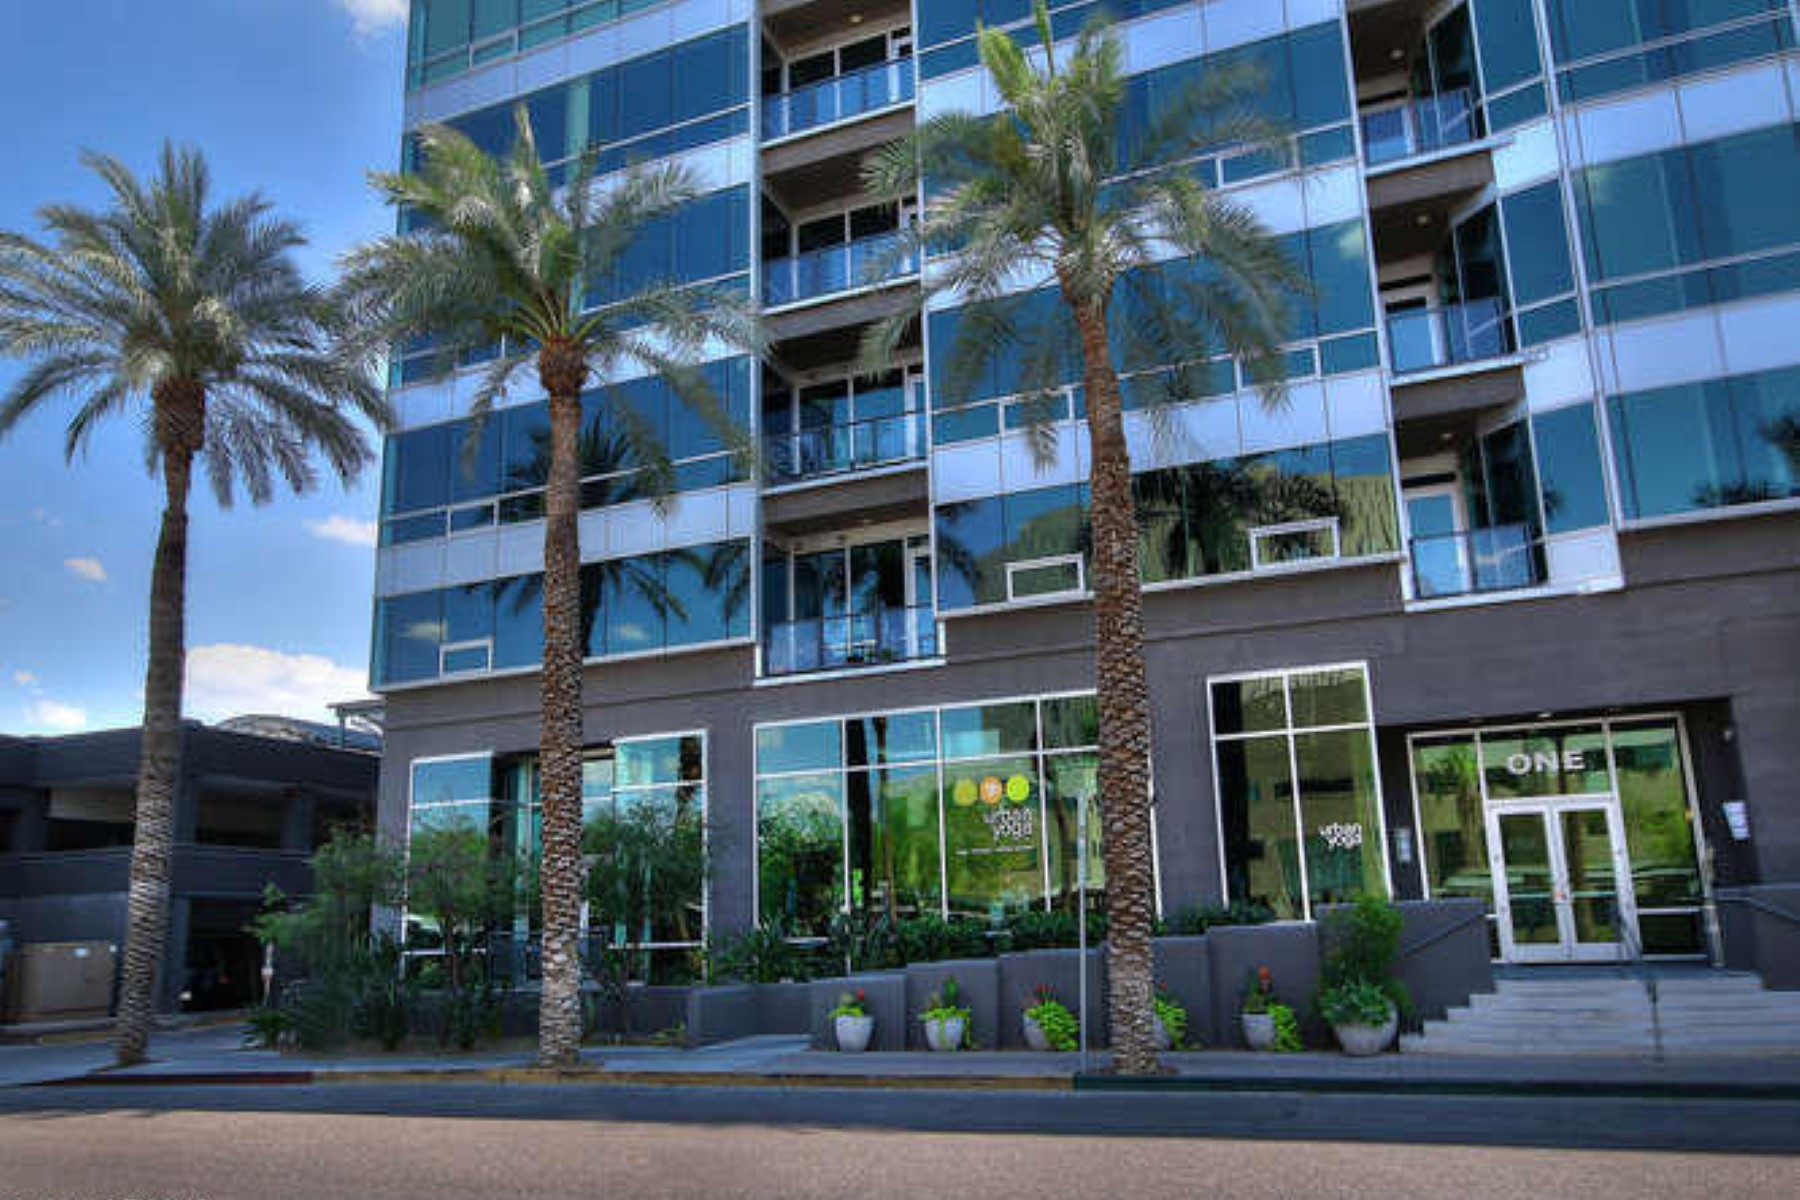 一戸建て のために 売買 アット Gorgeous northern exposure contemporary loft 1 E LEXINGTON AVE #1307 Phoenix, アリゾナ, 85012 アメリカ合衆国